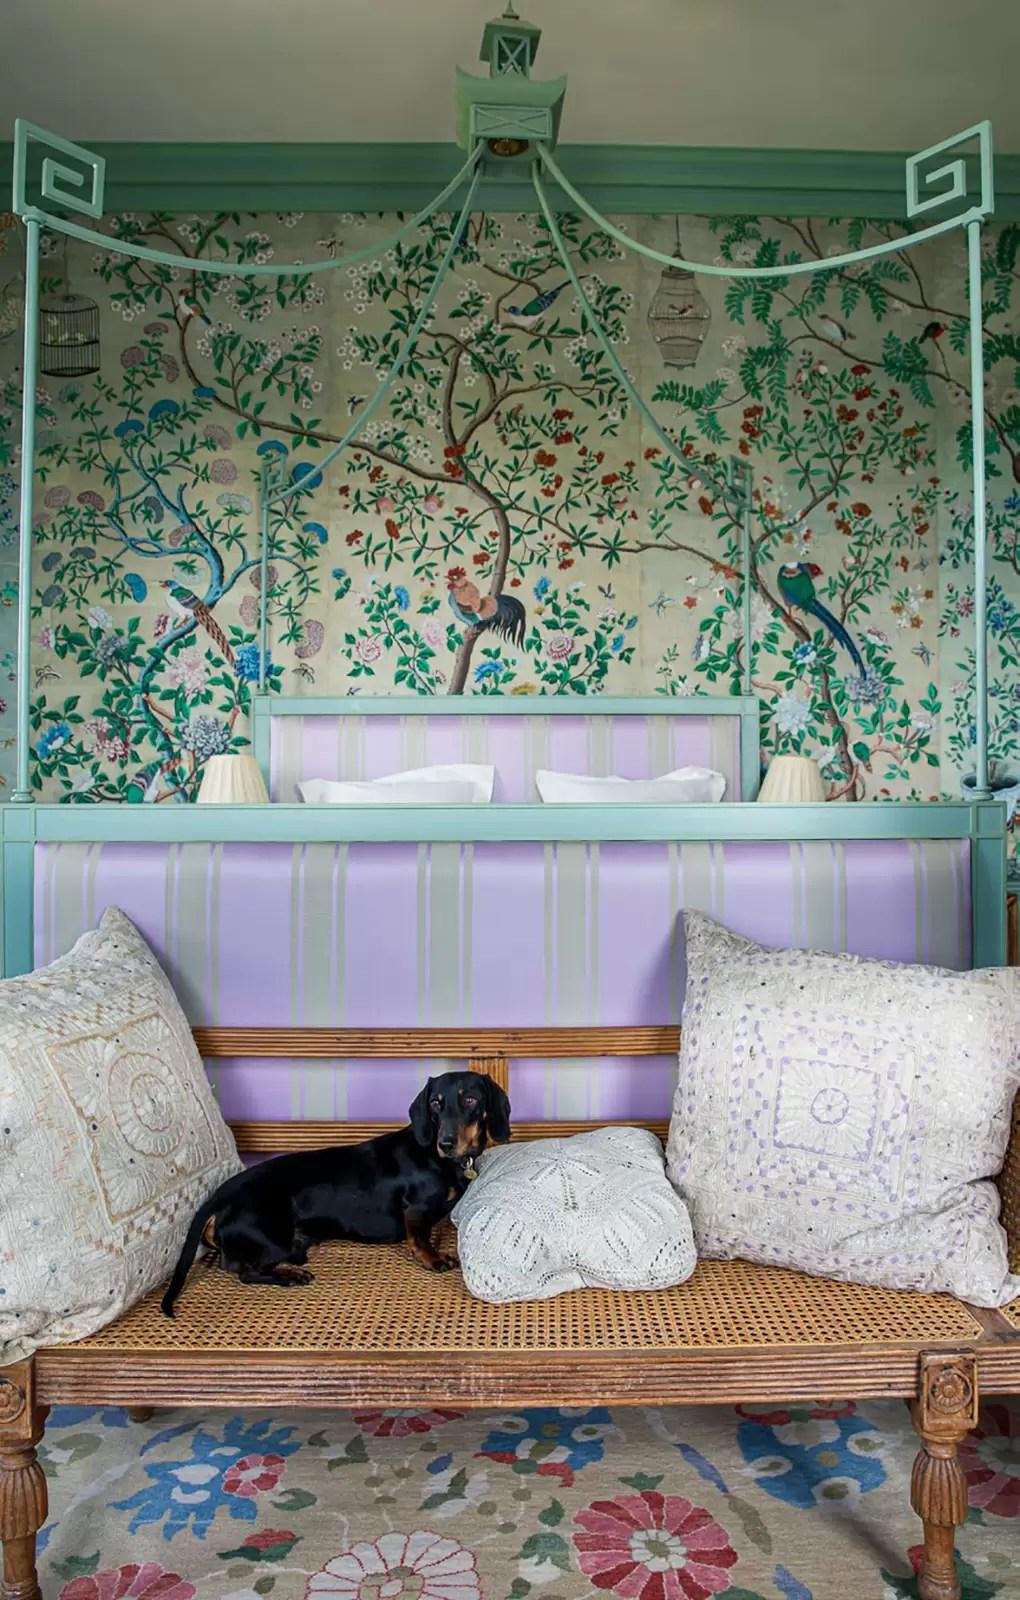 """Perros y decoración de interiores: fotografía de """"At Home in the English Countryside: Designers and their Dogs"""", de Susan Salk, publicado por Rizzoli."""